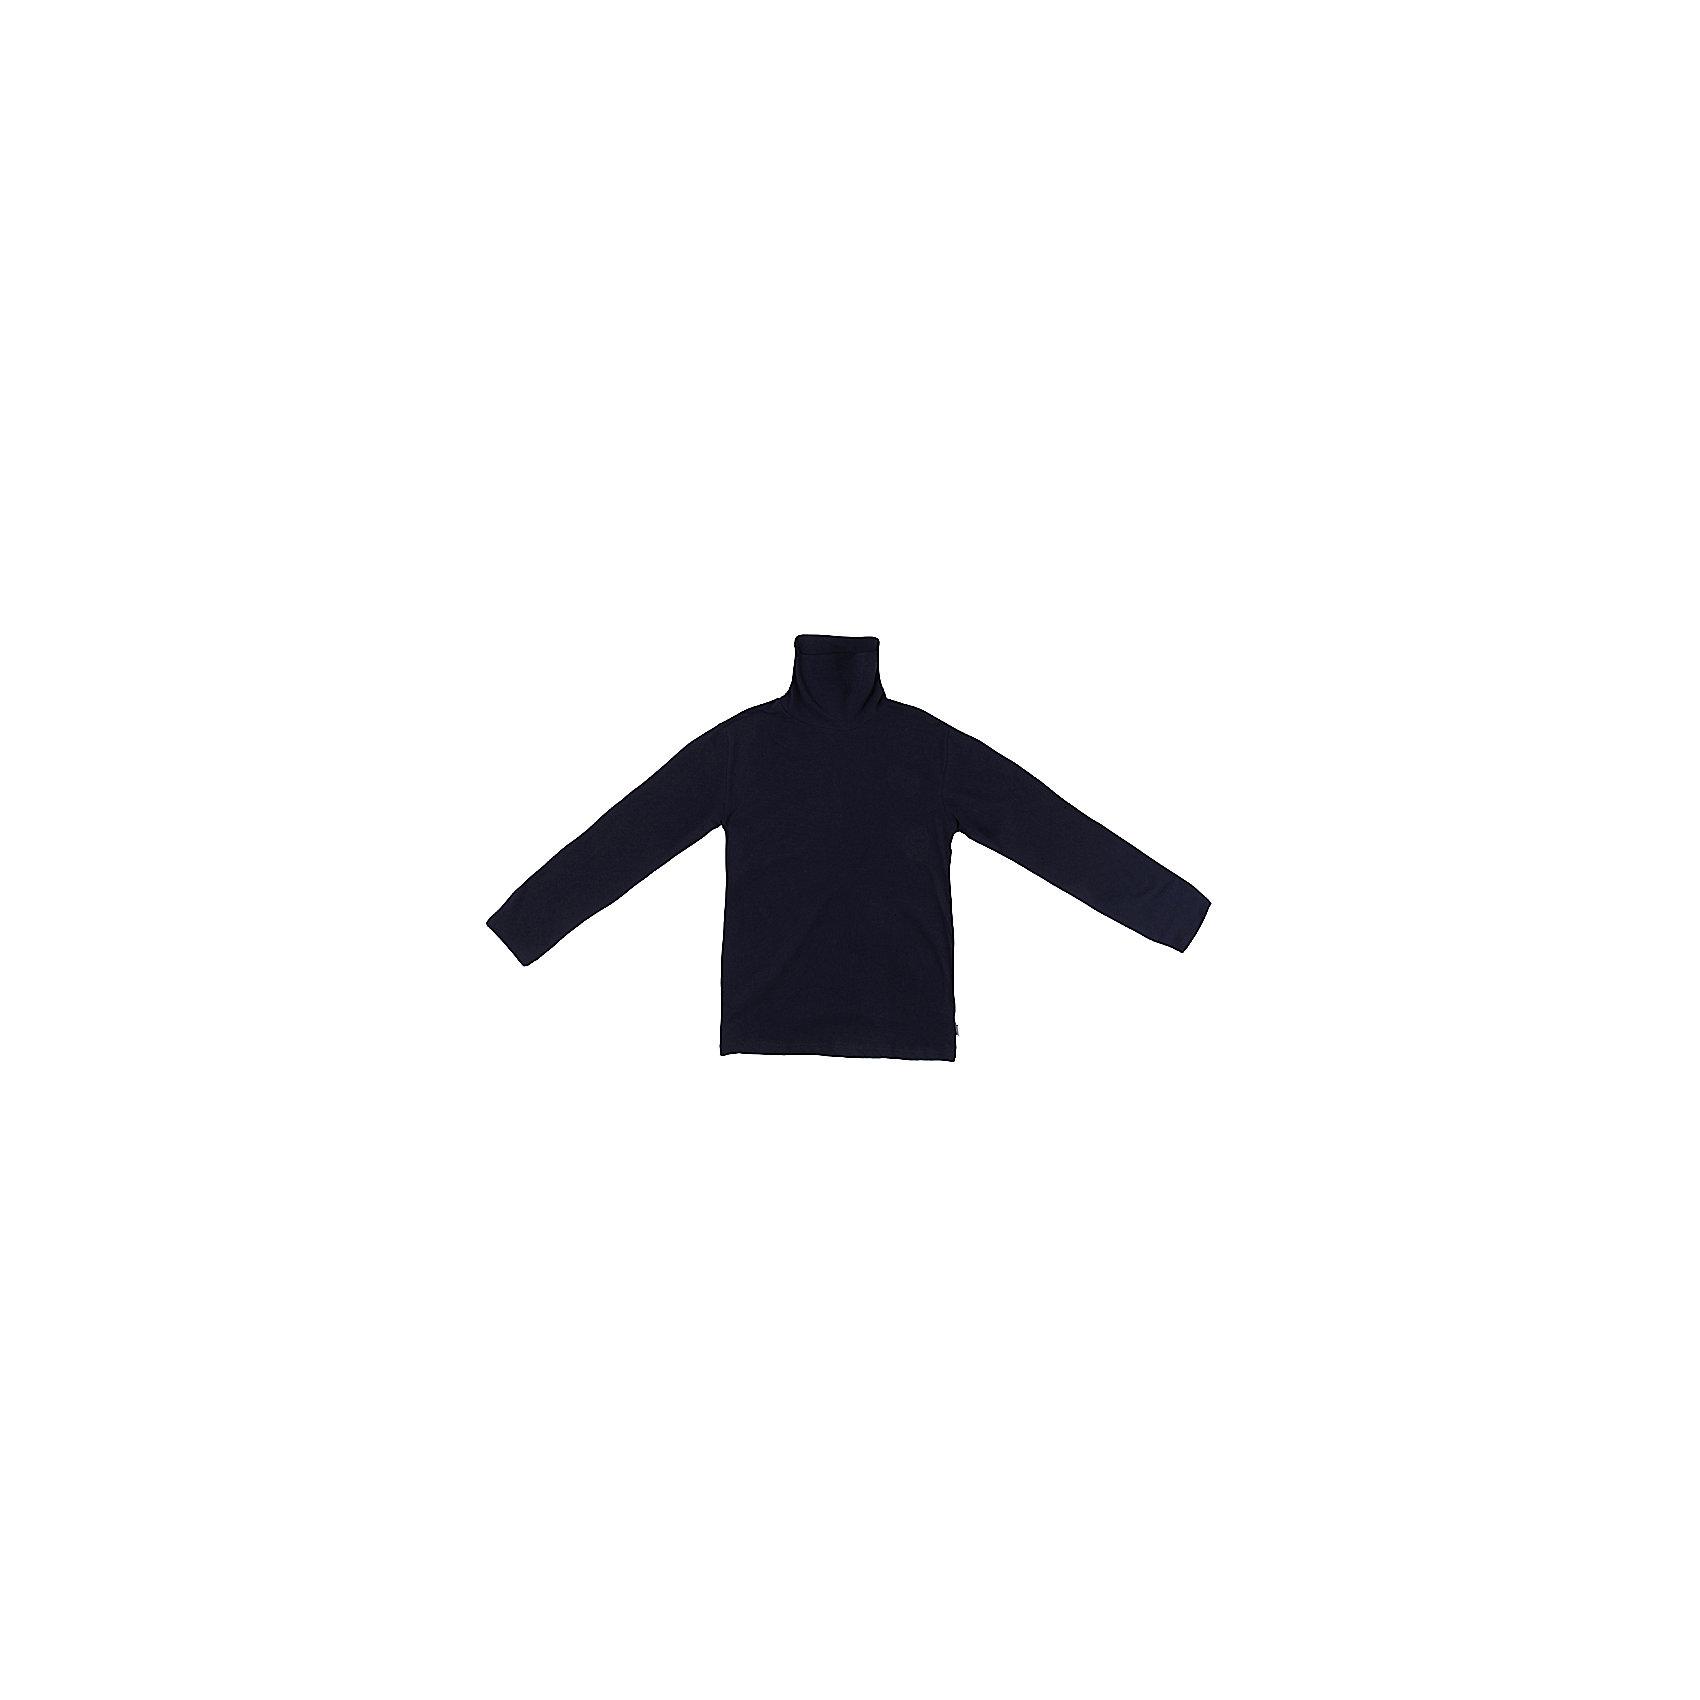 Водолазка для мальчика LuminosoВодолазки<br>Водолазка для мальчика от известного бренда Luminoso<br>Водолазка для мальчика из качественного мягкого трикотажа с воротником гольф, прекрасно подойдет для школы.<br>Состав:<br>95% хлопок, 5% эластан<br><br>Ширина мм: 230<br>Глубина мм: 40<br>Высота мм: 220<br>Вес г: 250<br>Цвет: синий<br>Возраст от месяцев: 120<br>Возраст до месяцев: 132<br>Пол: Мужской<br>Возраст: Детский<br>Размер: 146,128,134,140,152,158,164<br>SKU: 4729029